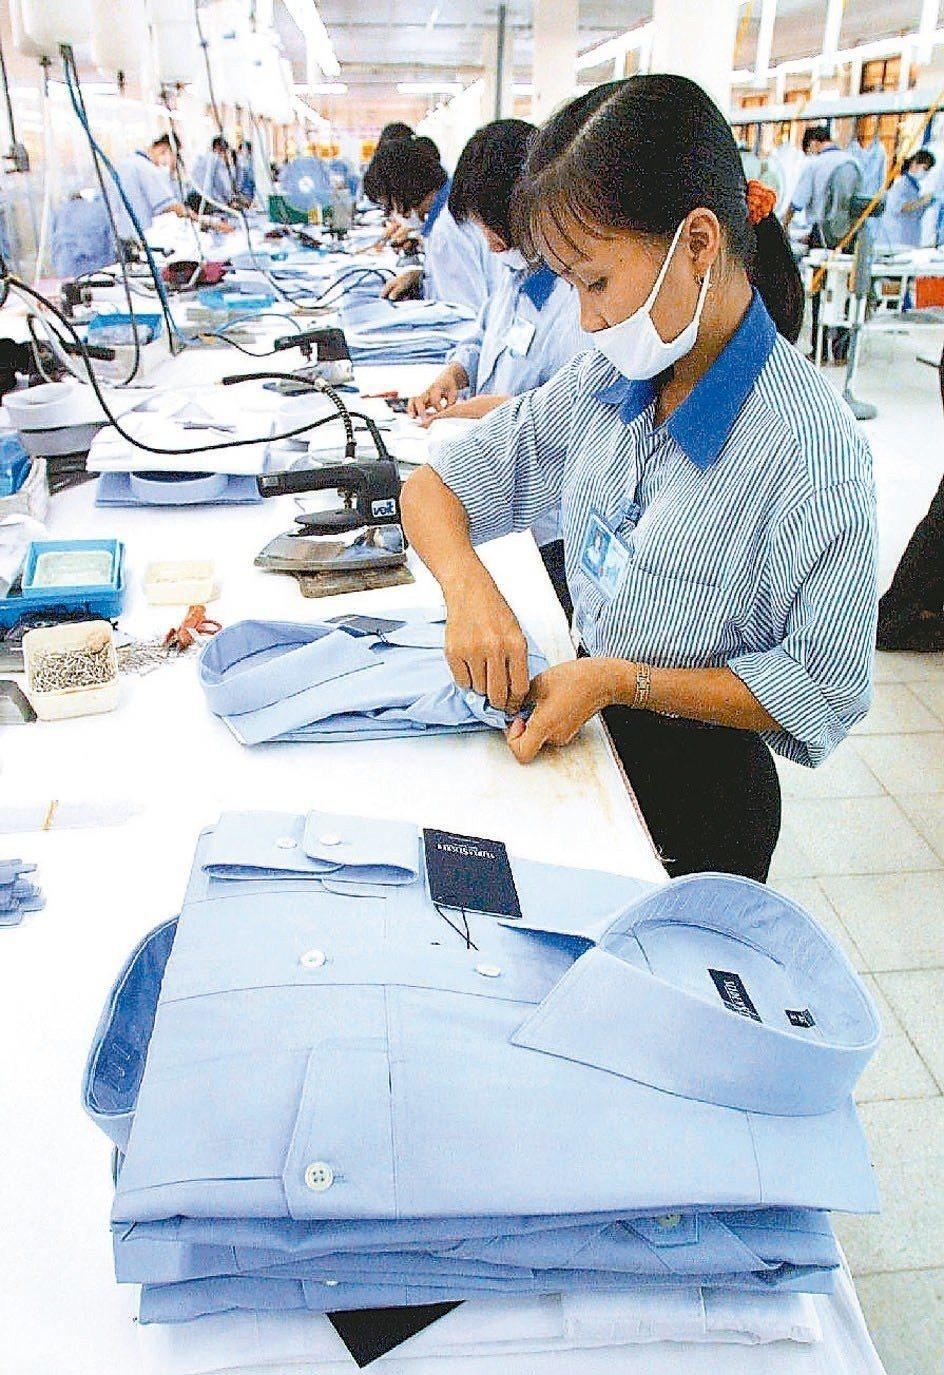 因應客戶訂單需求,國內主力紡織廠接連宣布新的擴產計畫,加速在東南亞市場布局。 本...